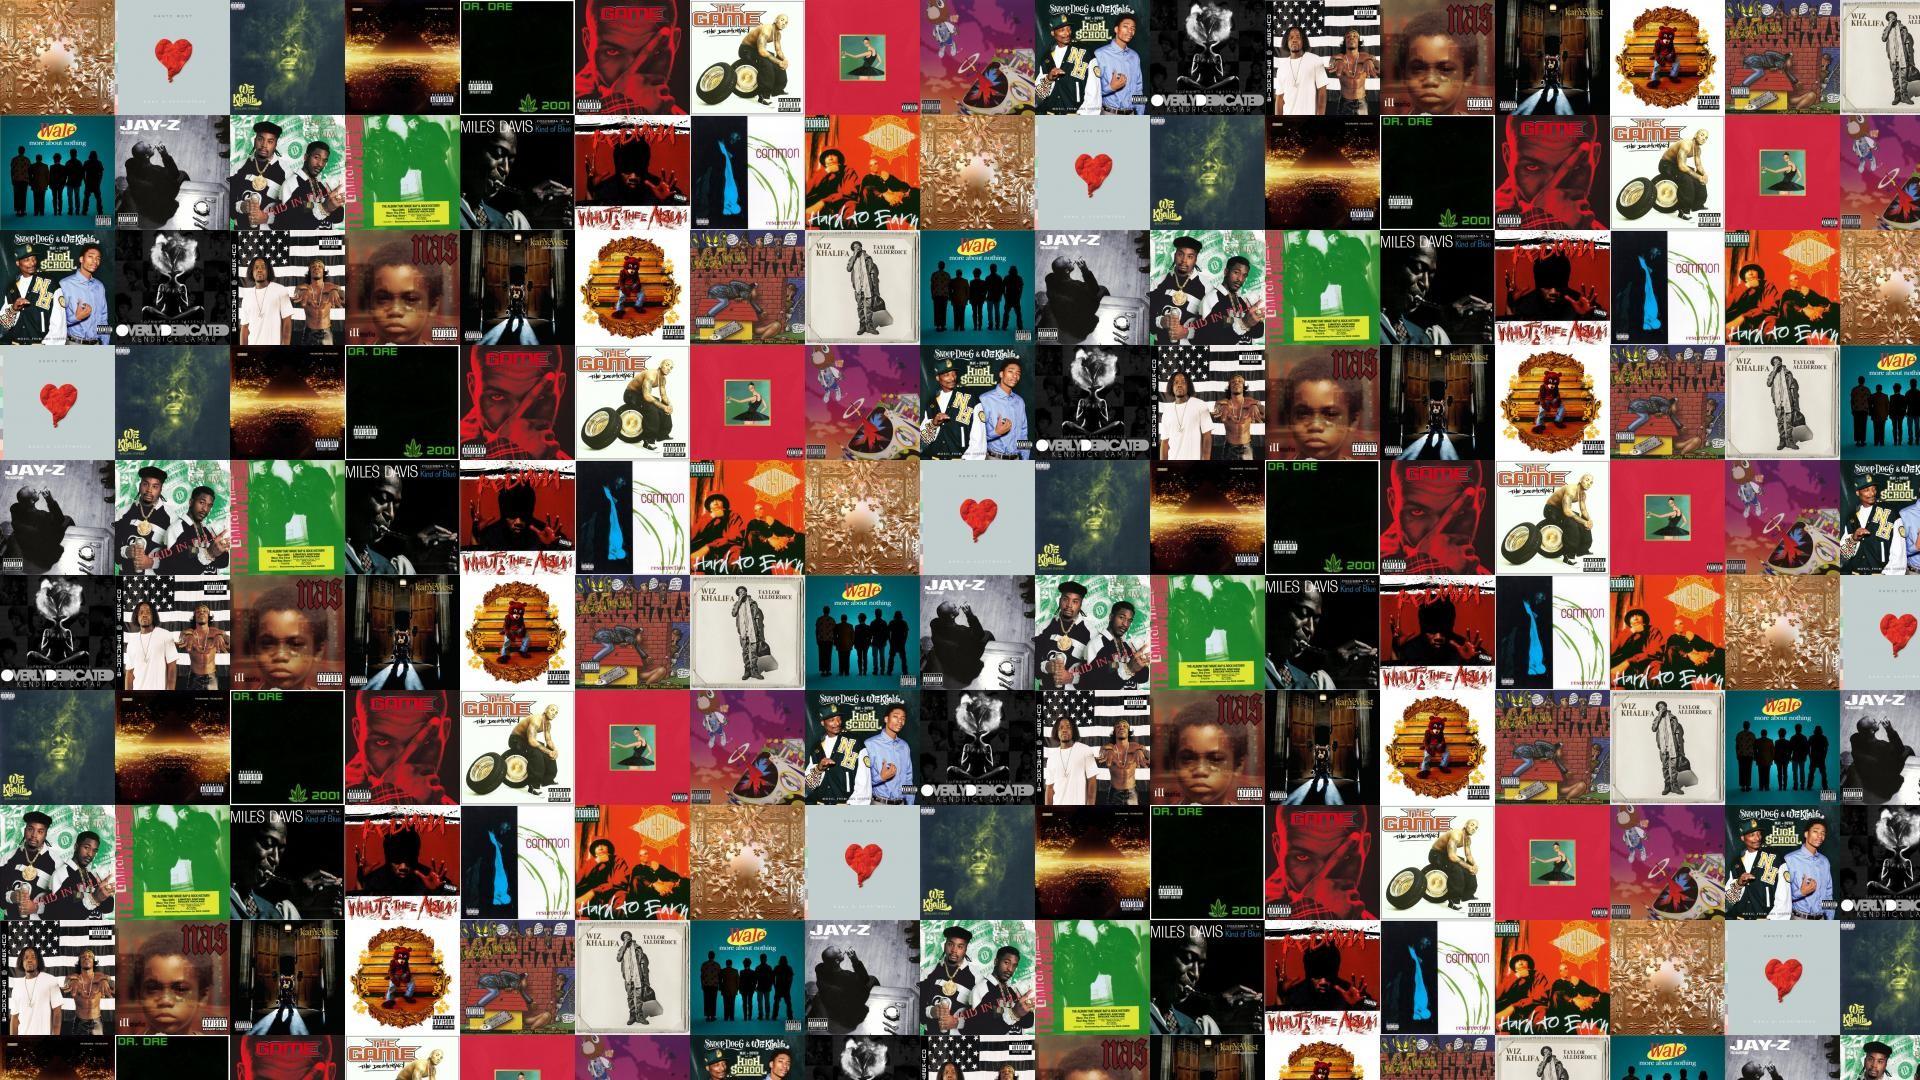 Kanye West Watch Throne 808s Heartbreaks Wiz Wallpaper Â« Tiled Desktop  Wallpaper